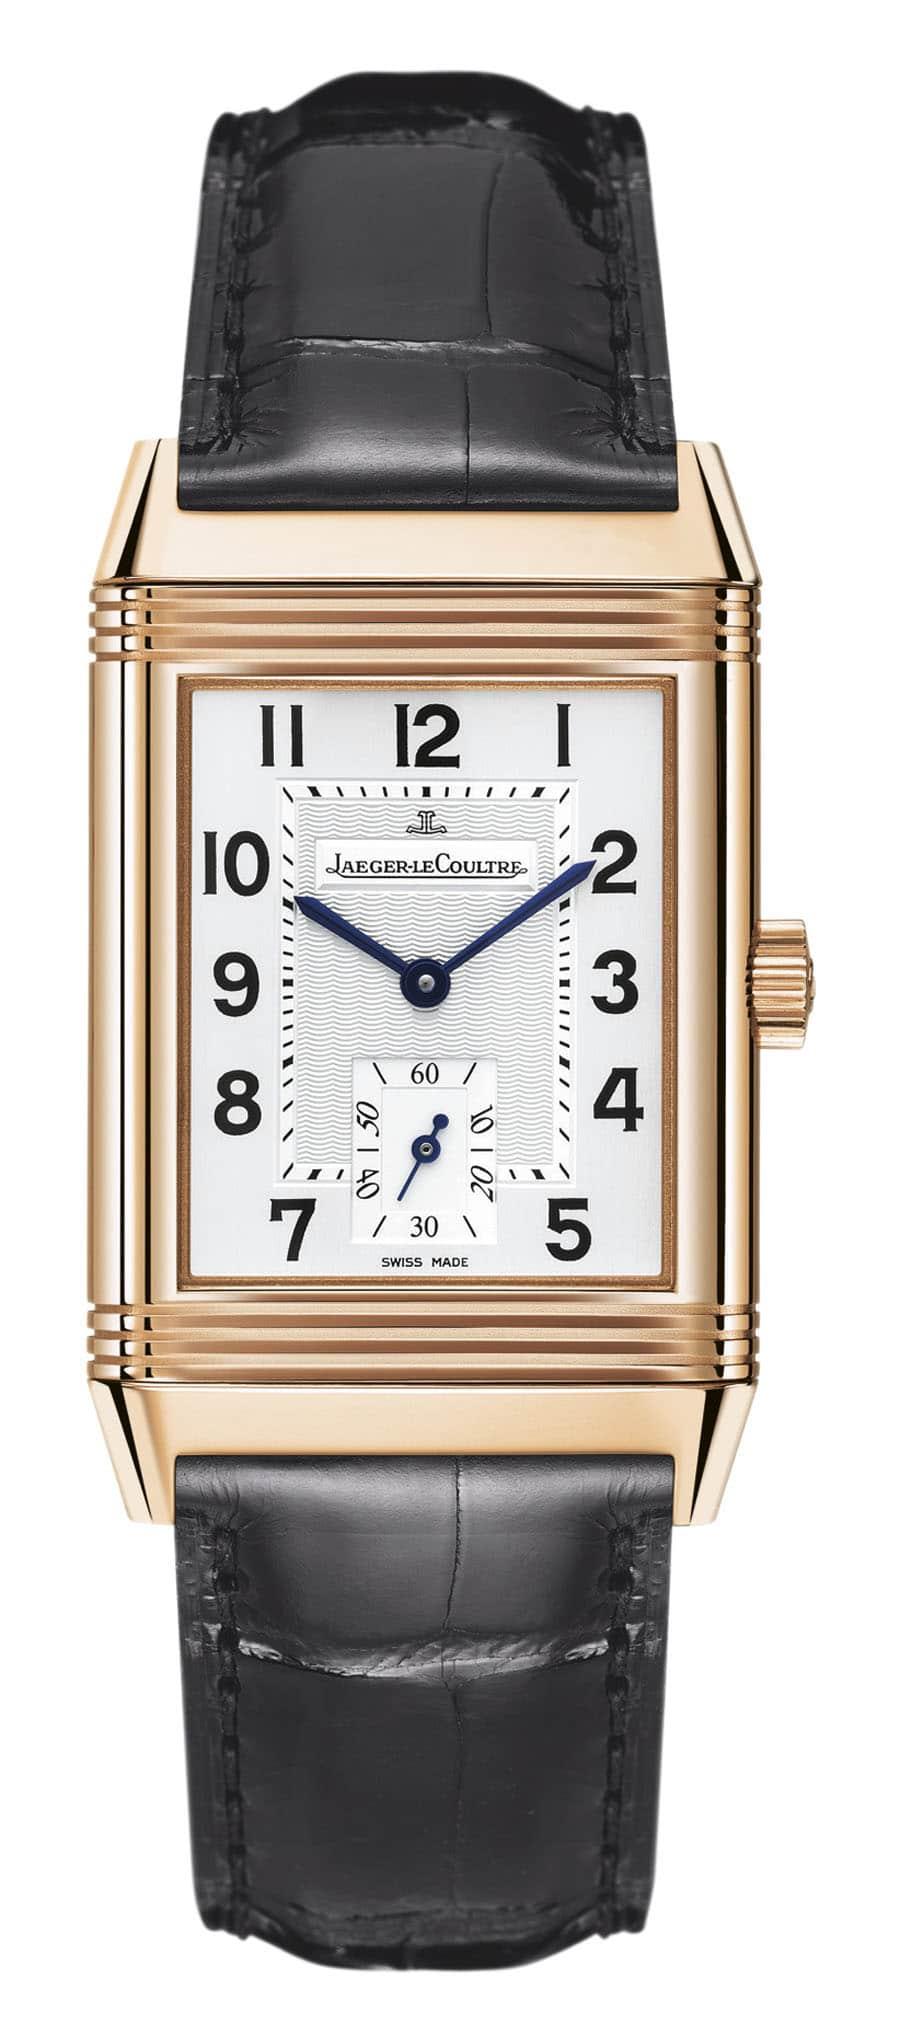 Uhren-Ikone #4: Jaeger-LeCoultre Reverso